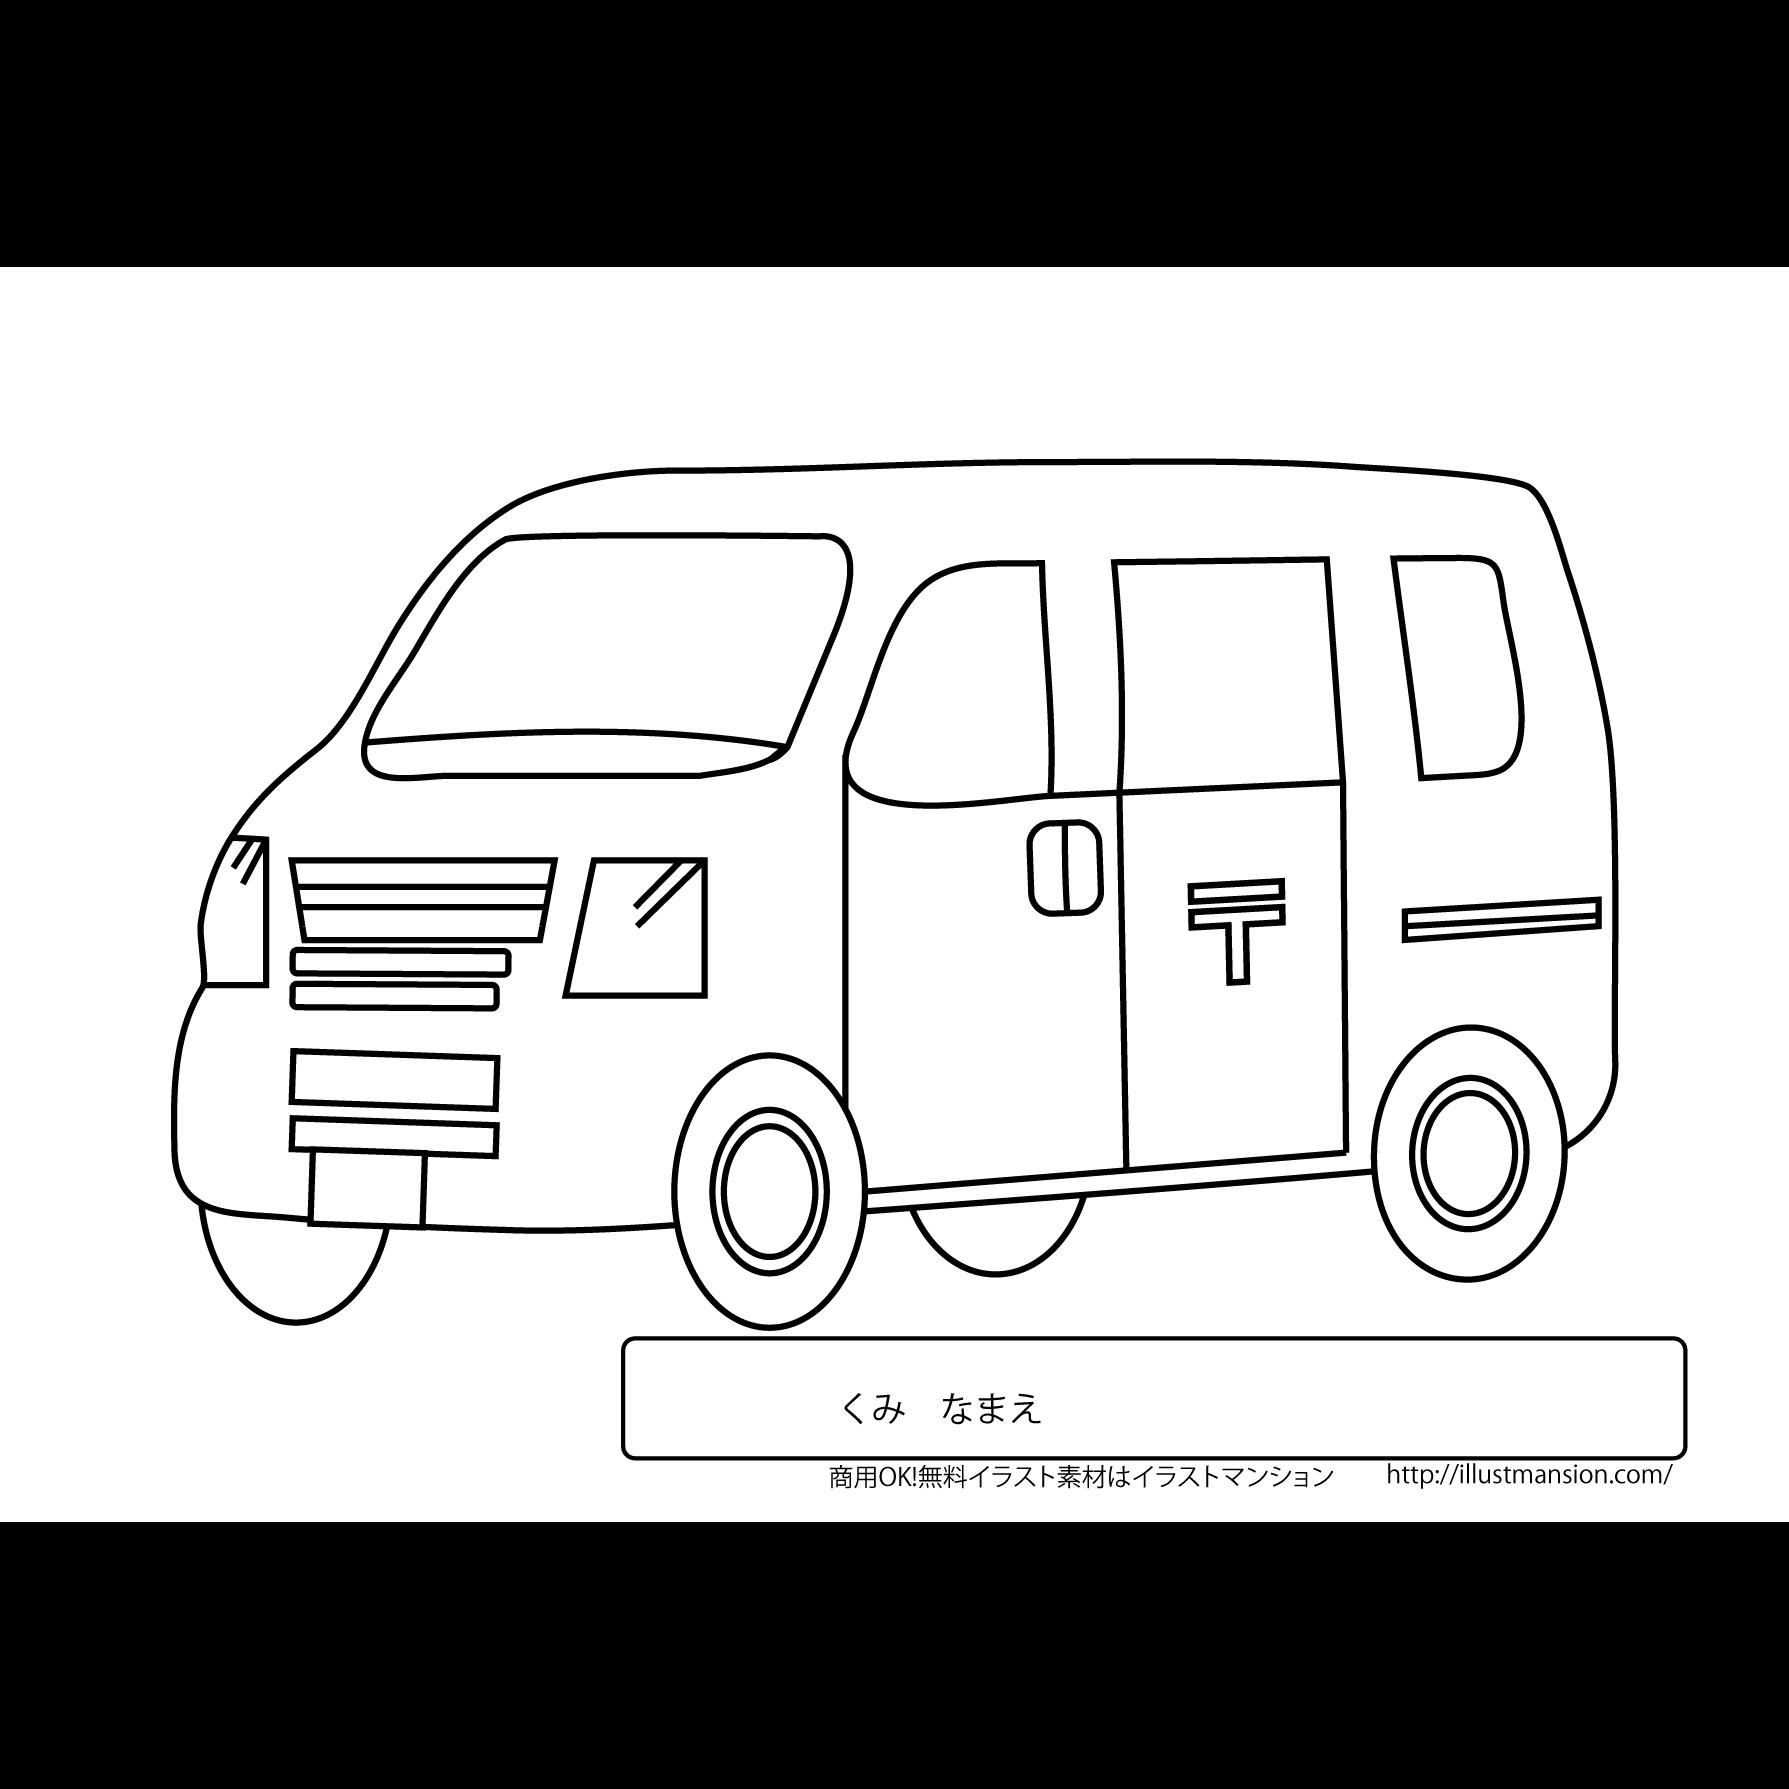 のりもの郵便車の塗り絵ぬりえのイラスト 商用フリー無料の